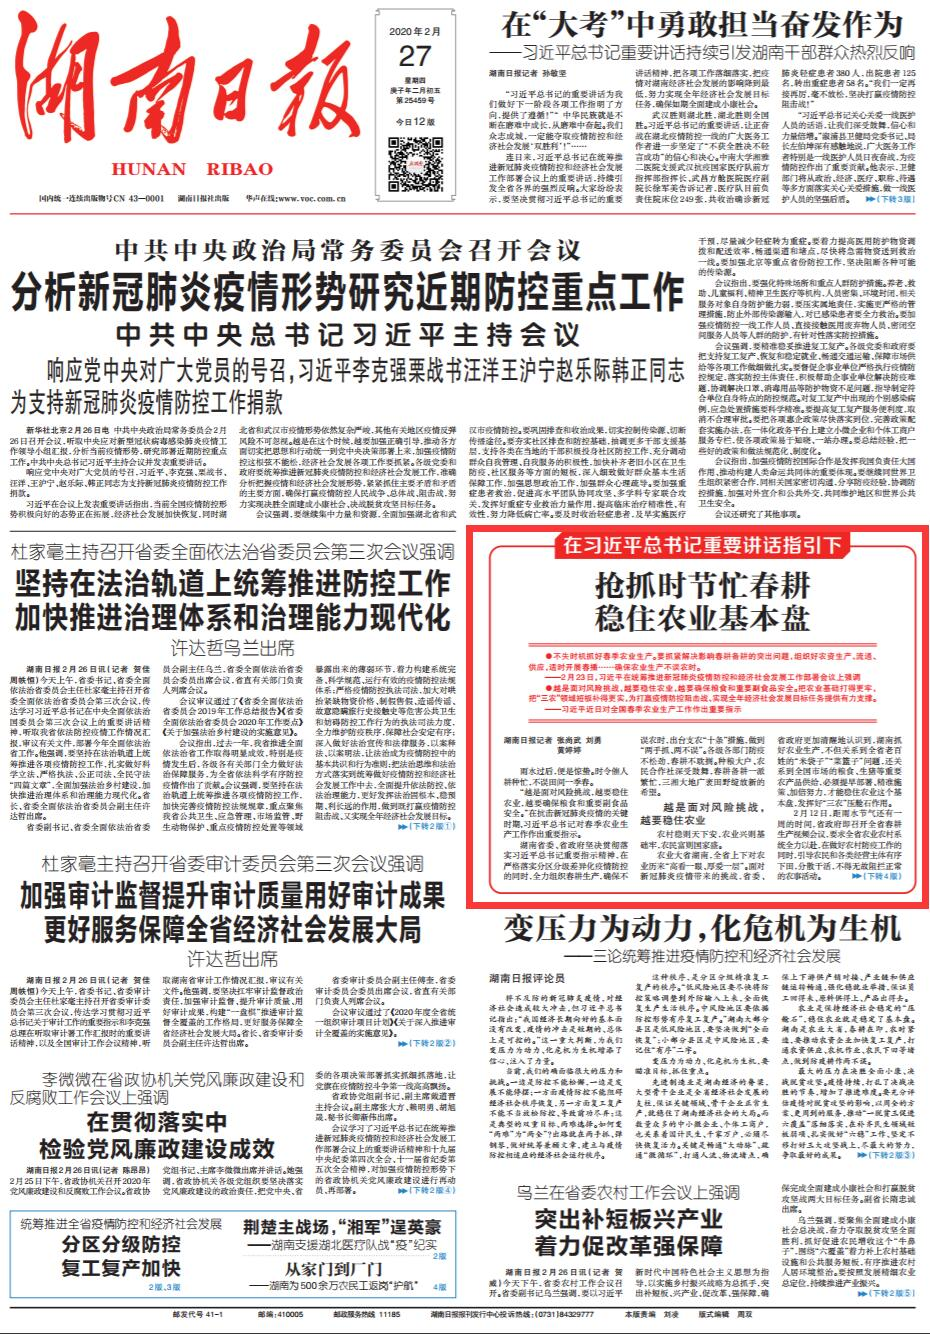 抢抓时节忙春耕 稳住农业基本盘 新湖南www.hunanabc.com